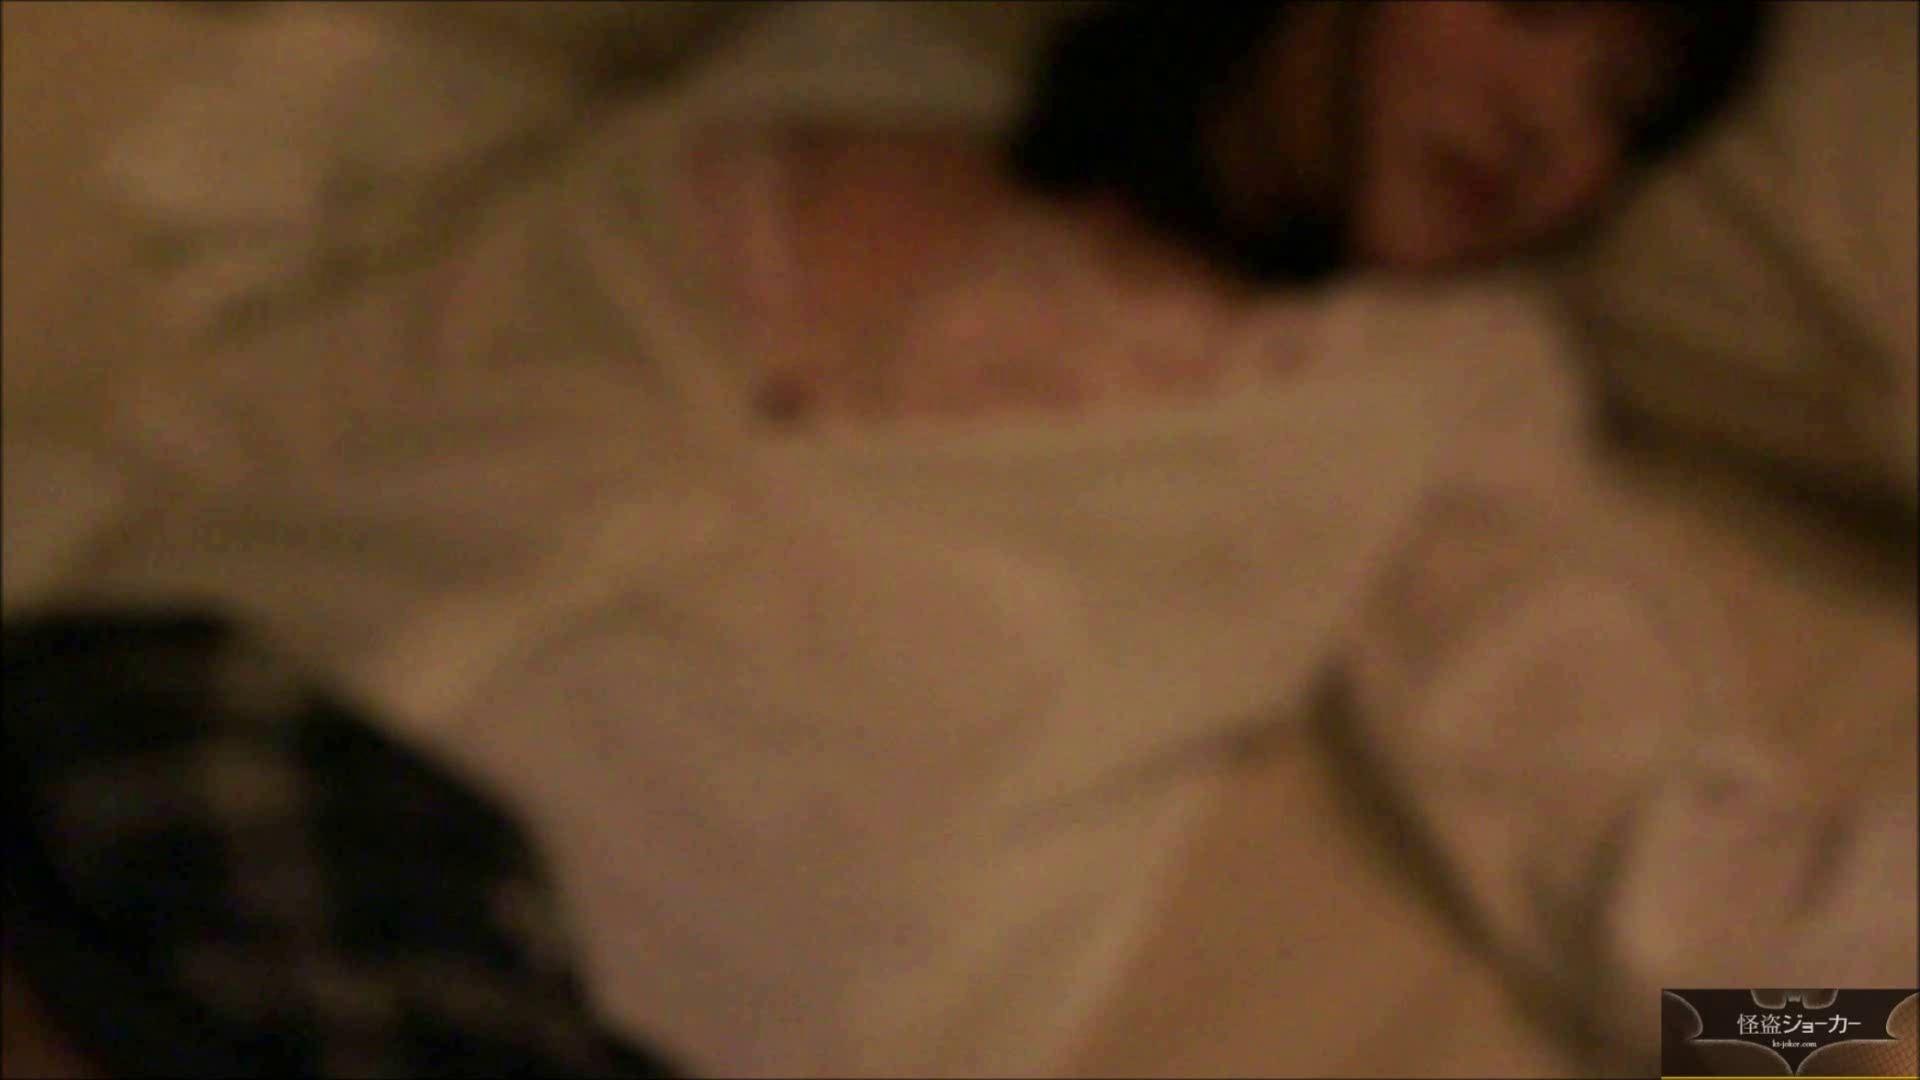 【未公開】vol.23 小春ちゃんを単独で連れ出すことに成功。 OLの実態 盗撮おめこ無修正動画無料 85pic 72